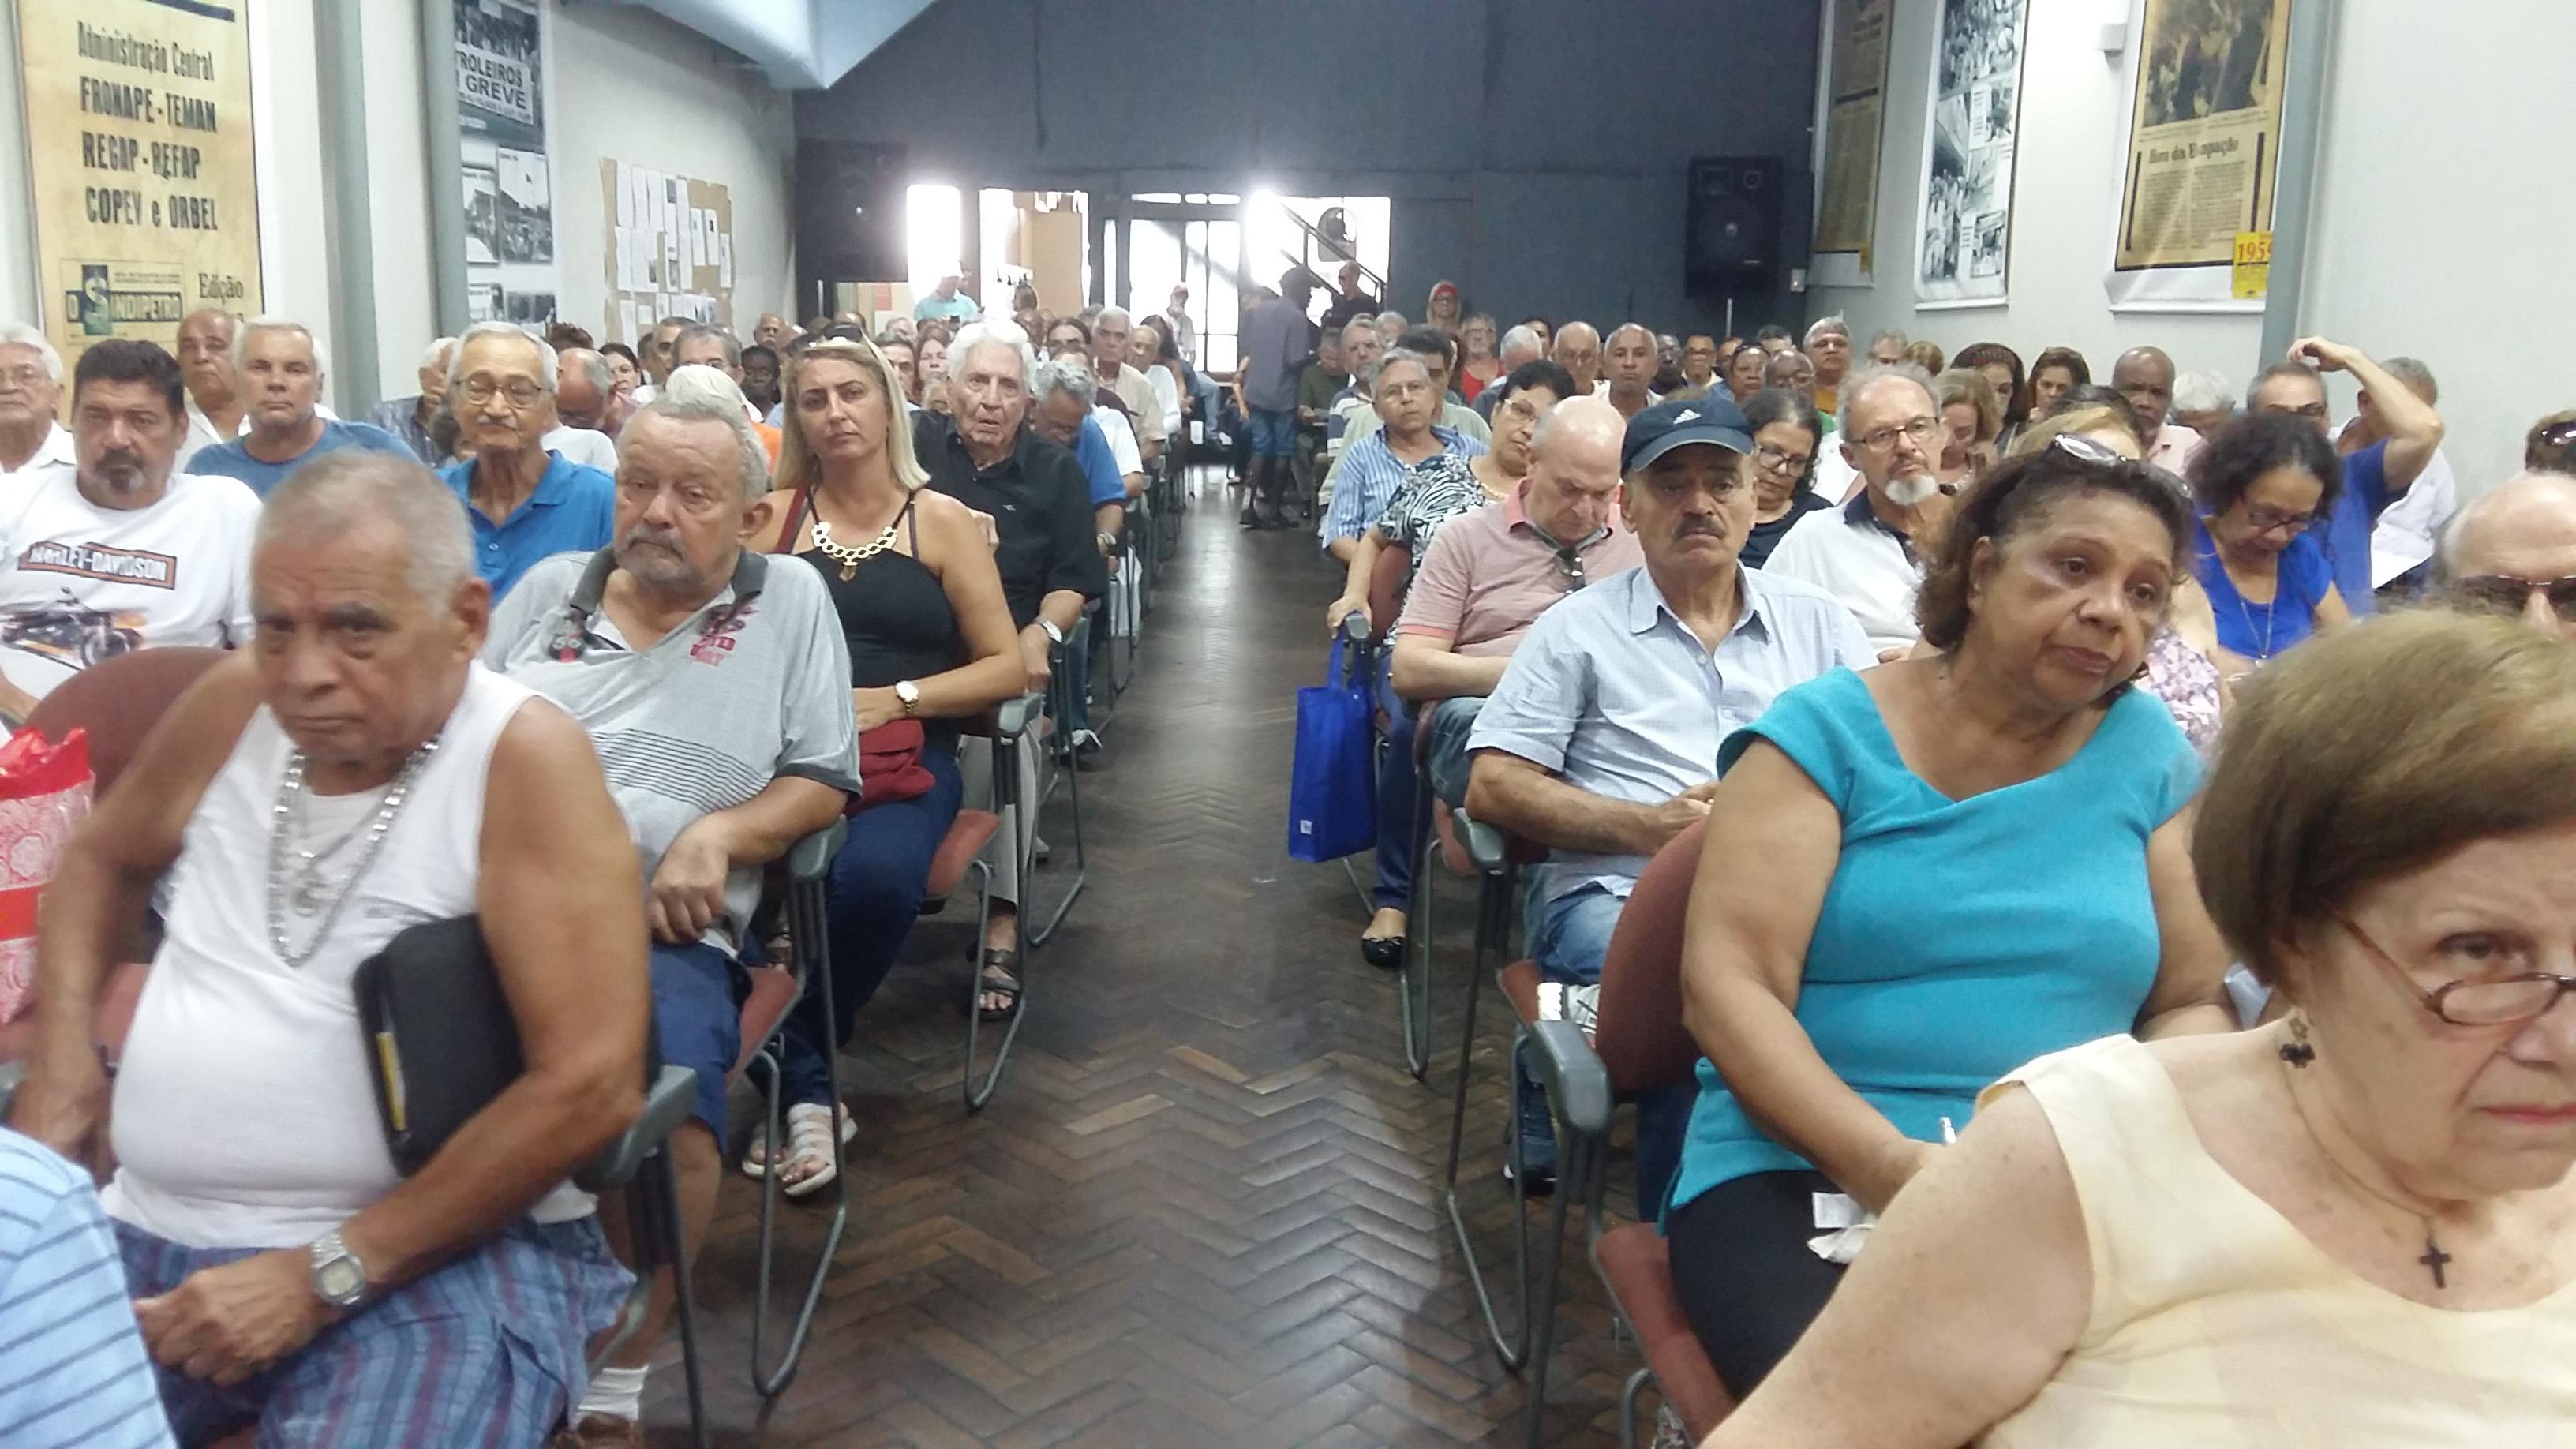 Representantes da Petrobrás explicam sobre mudanças no AMS e Benefício Farmácia para aposentados Aposentados 3 6 3